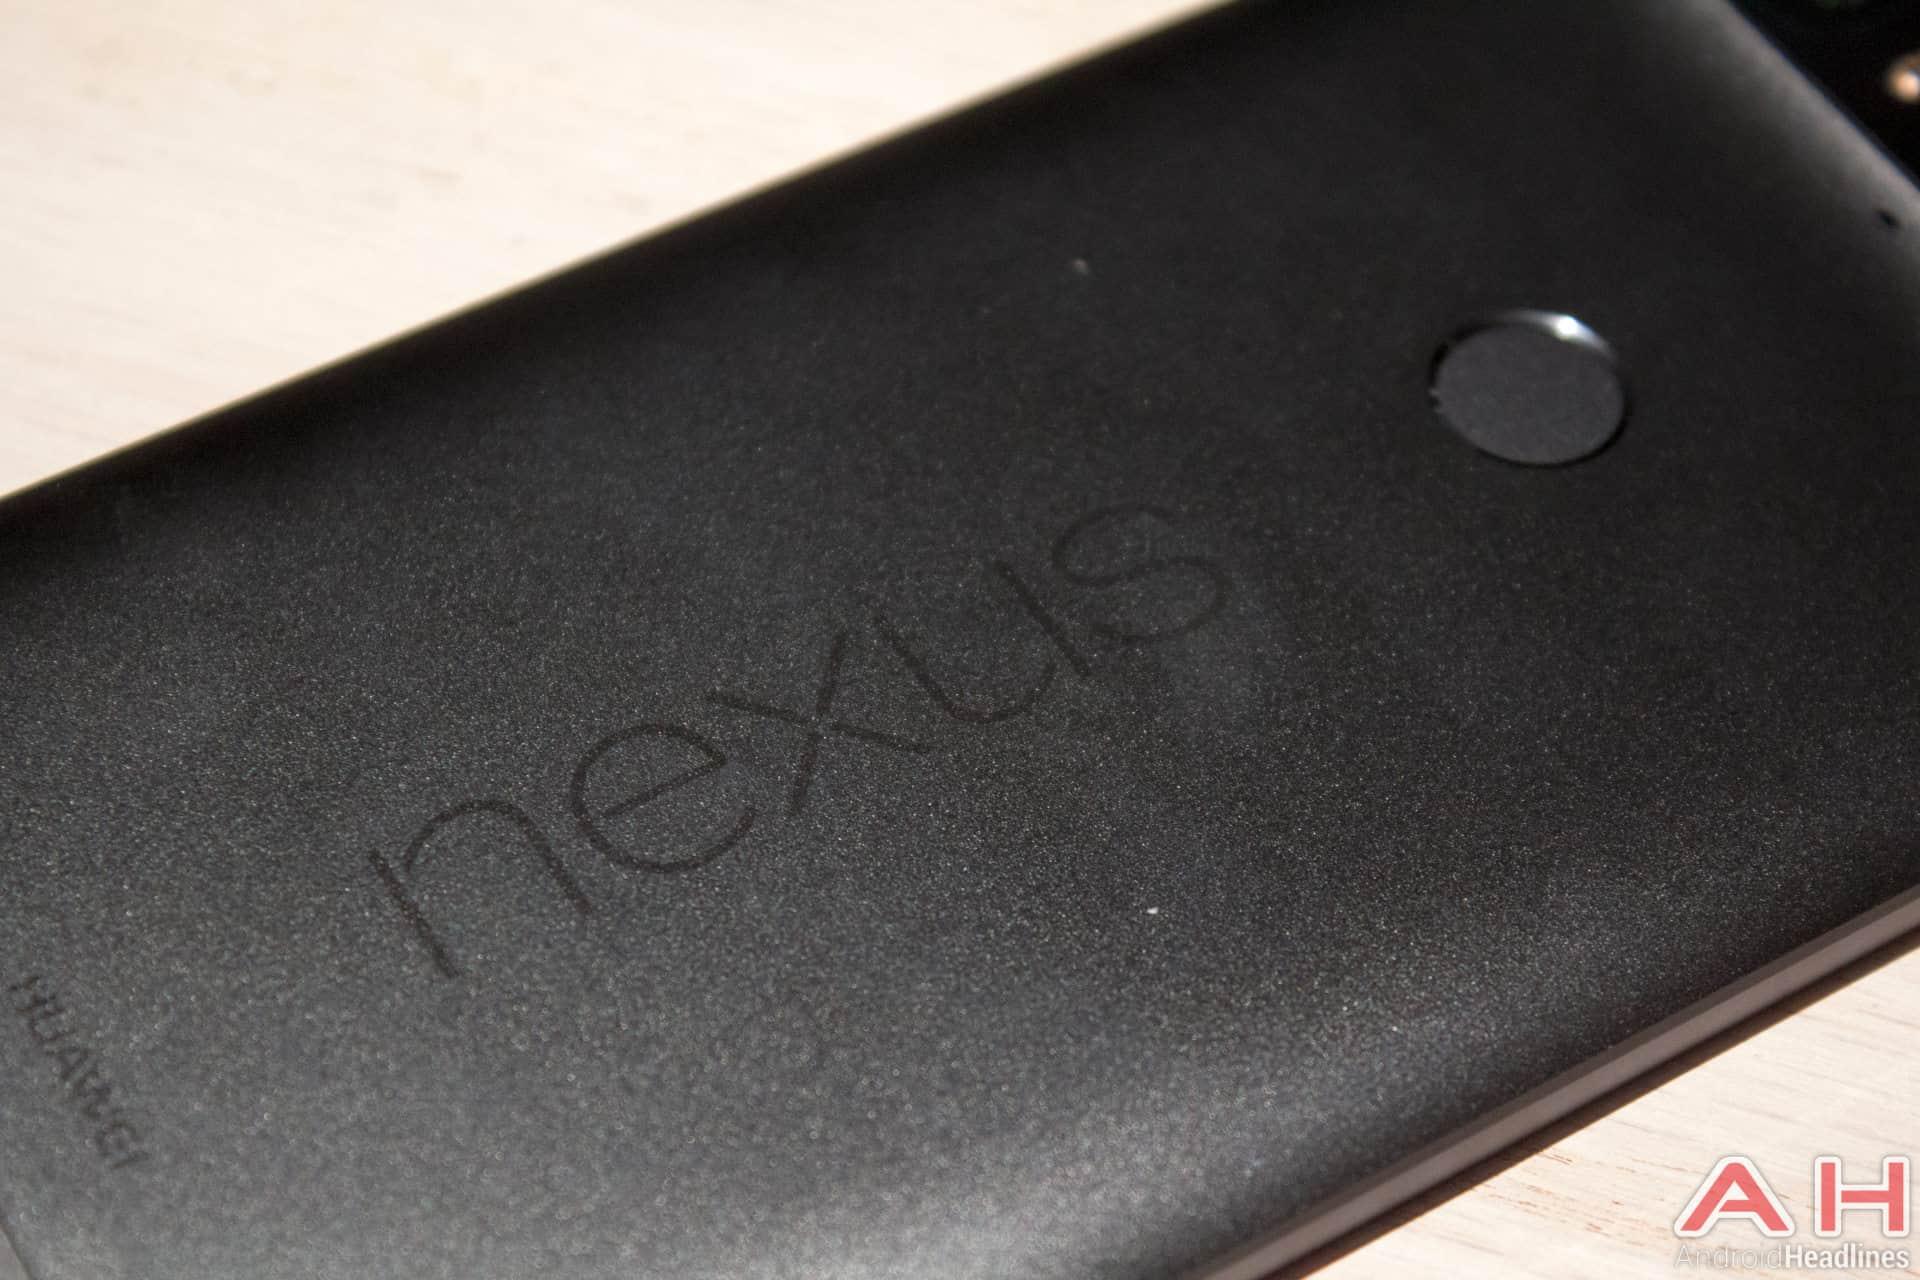 Nexus 6P Hands ON AH 4